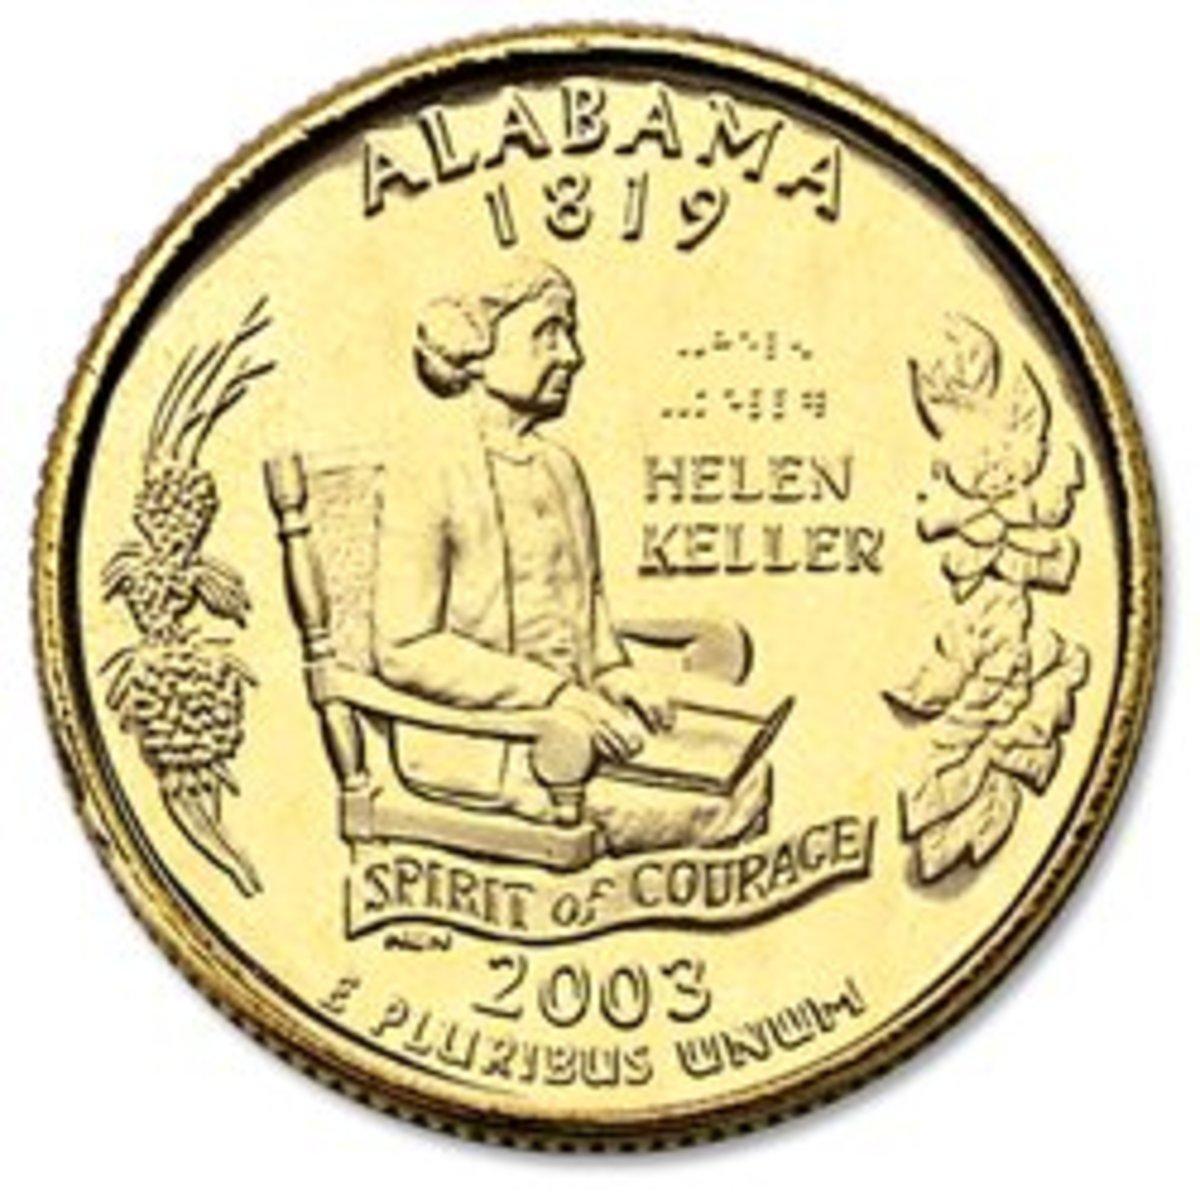 Helen Keller coin.